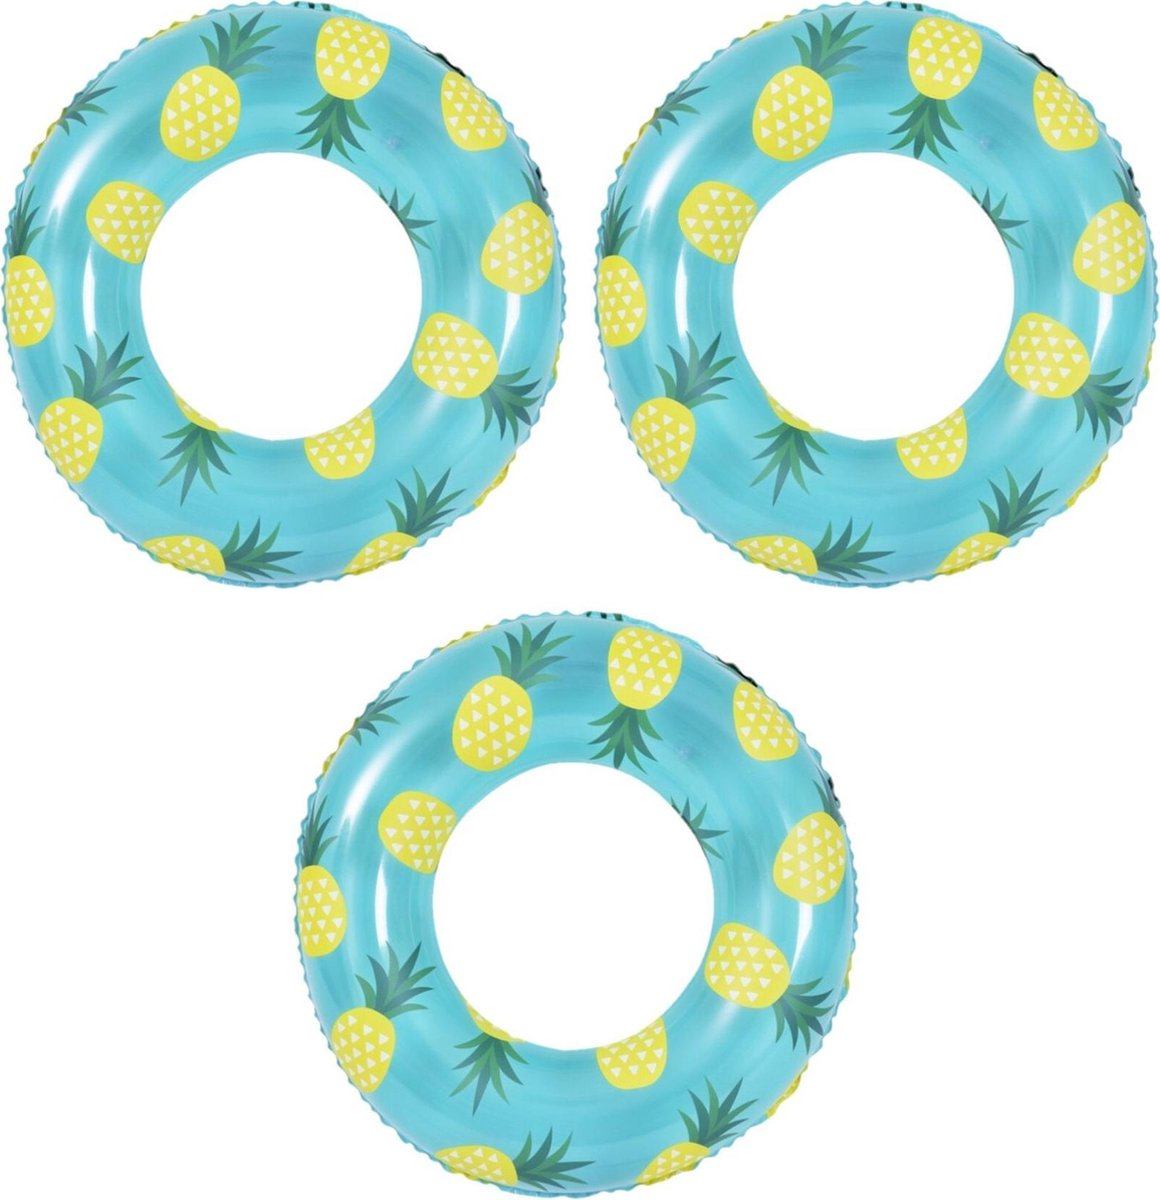 3x stuks opblaasbare zwembad banden/ringen ananas 90 cm - Zwembanden/zwemringen speelgoed